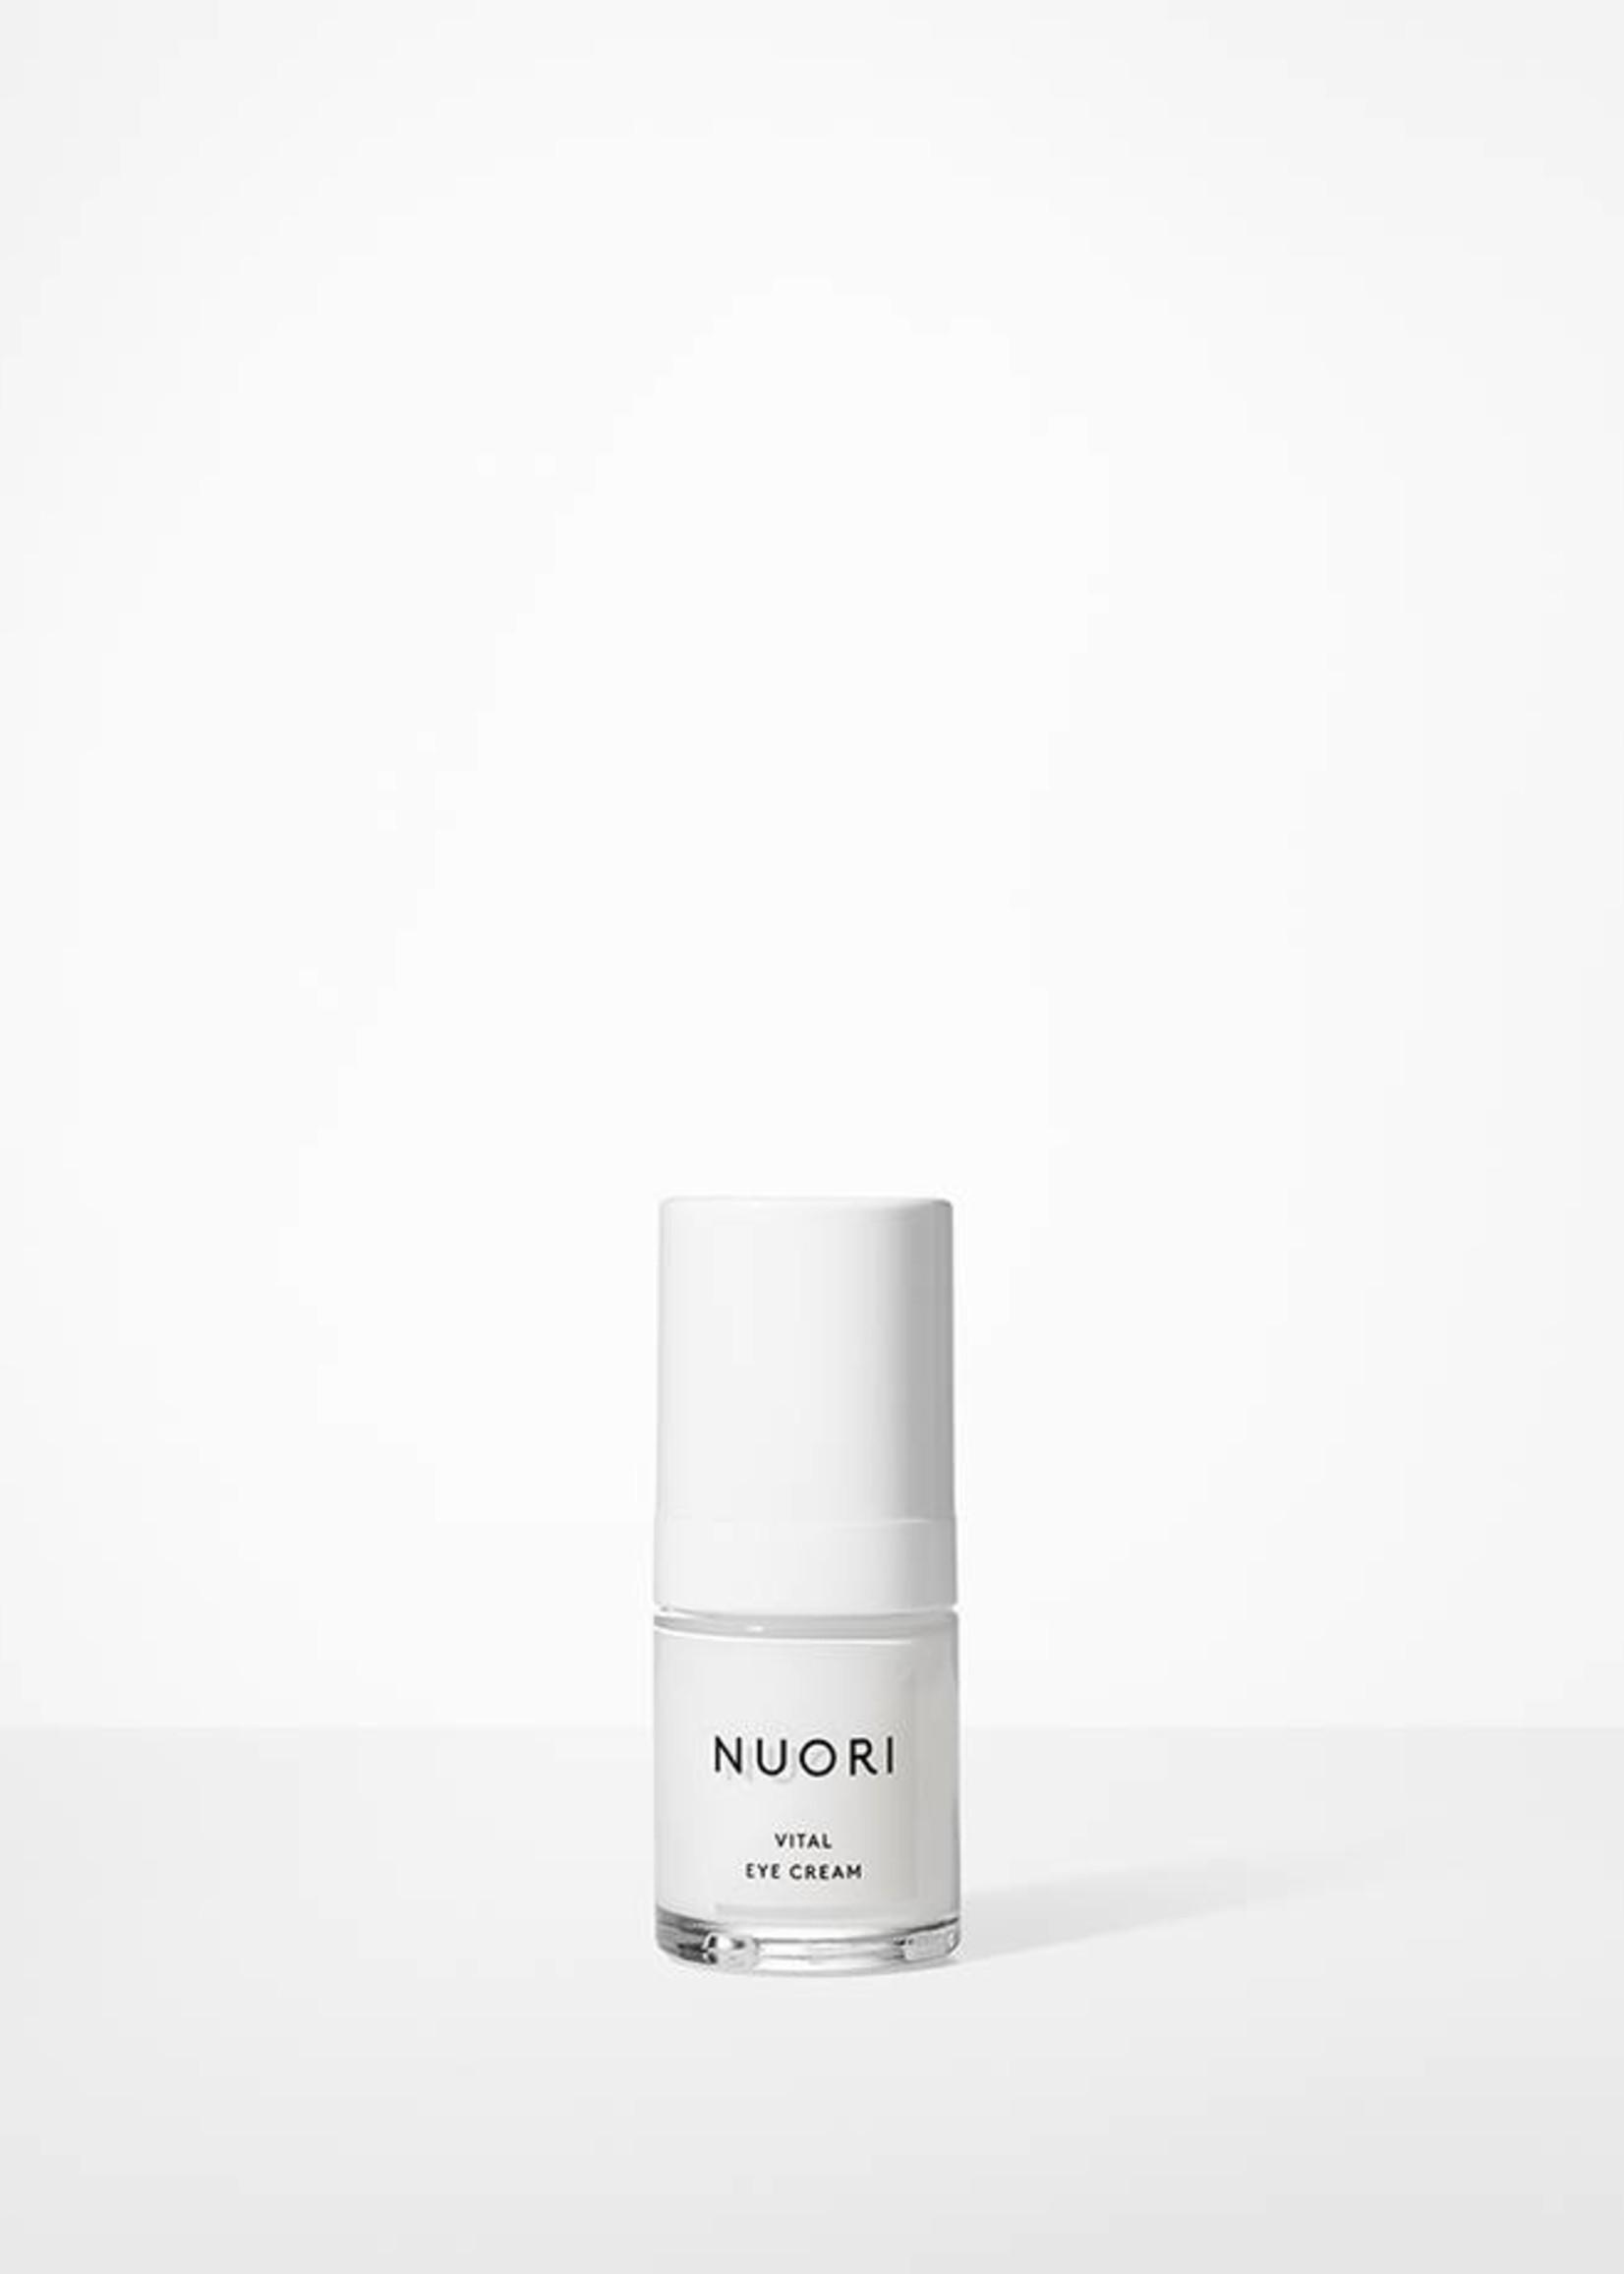 NUORI NUORI Vital Eye Cream 15ml